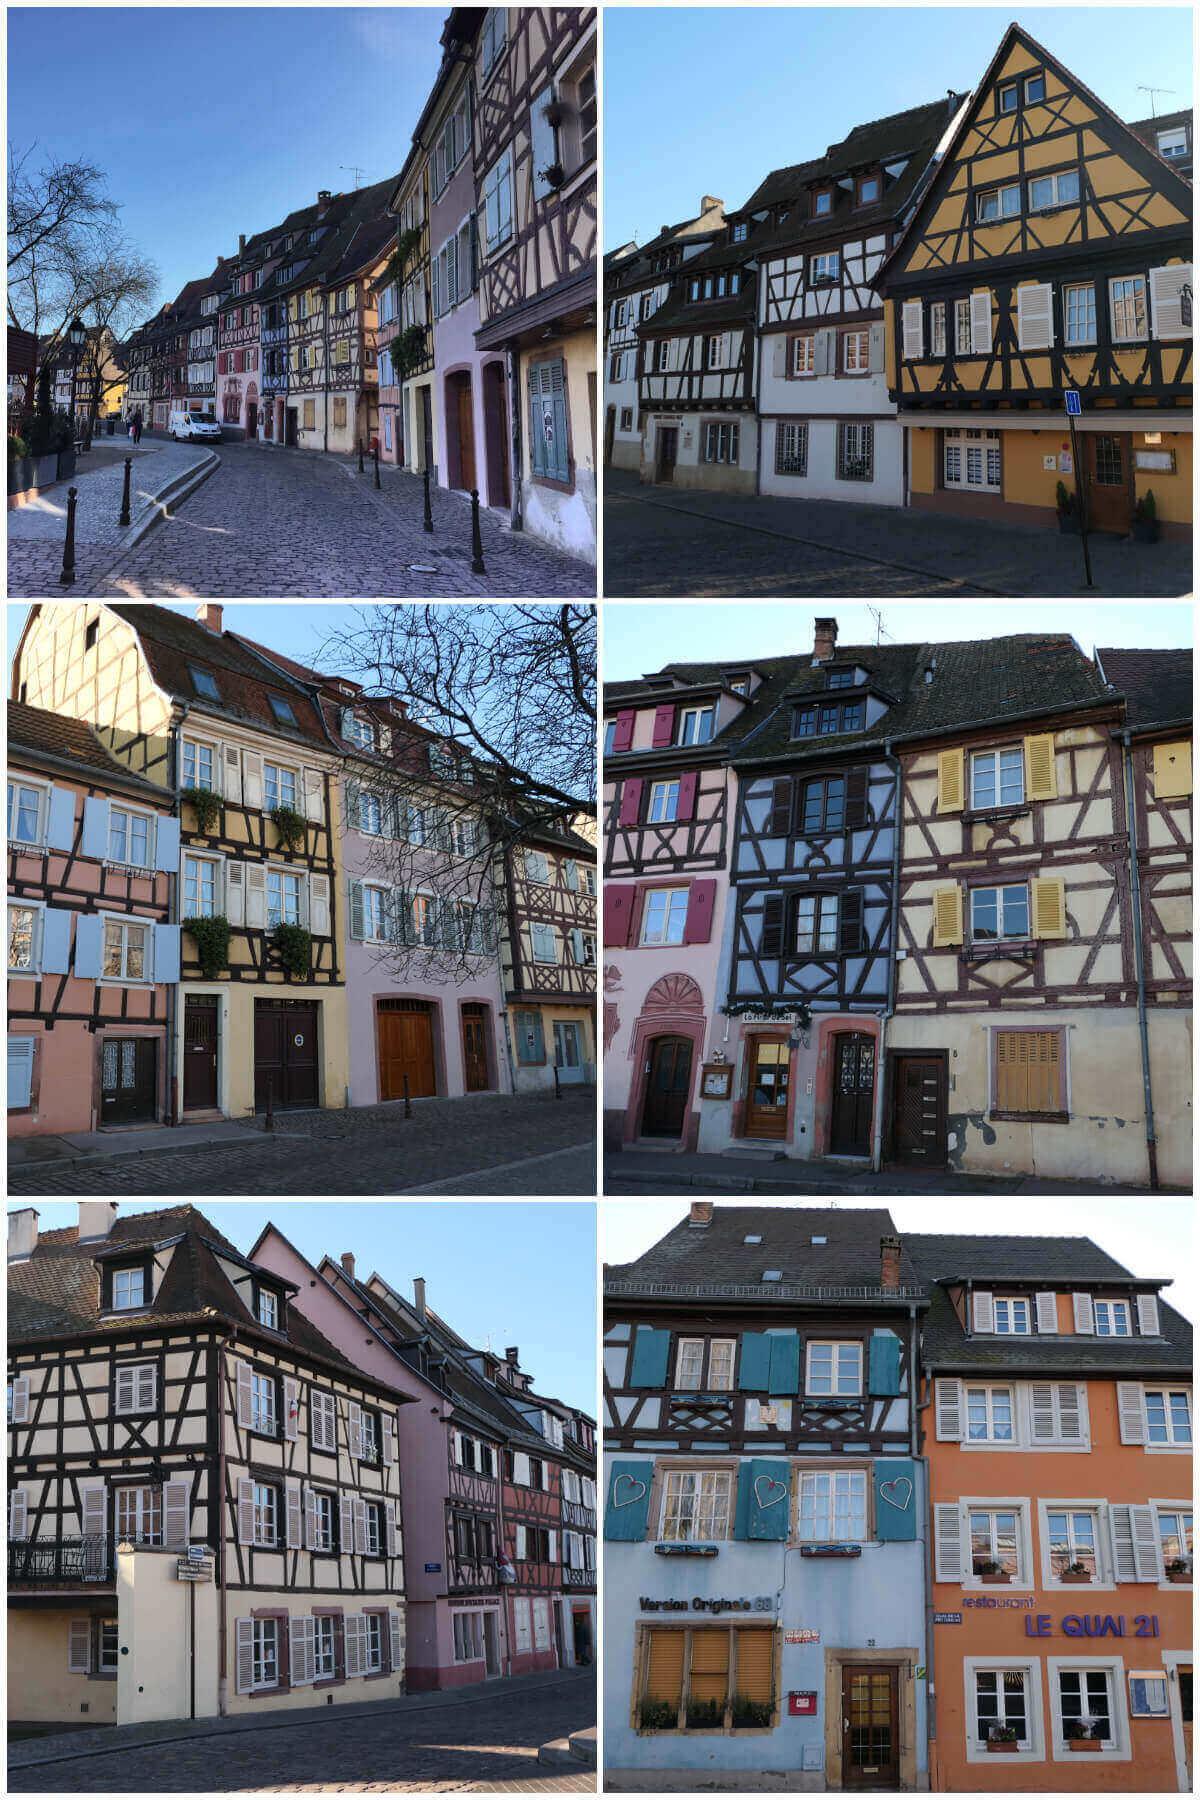 Quai de la Poissonnerie, Colmar, Alsace, France